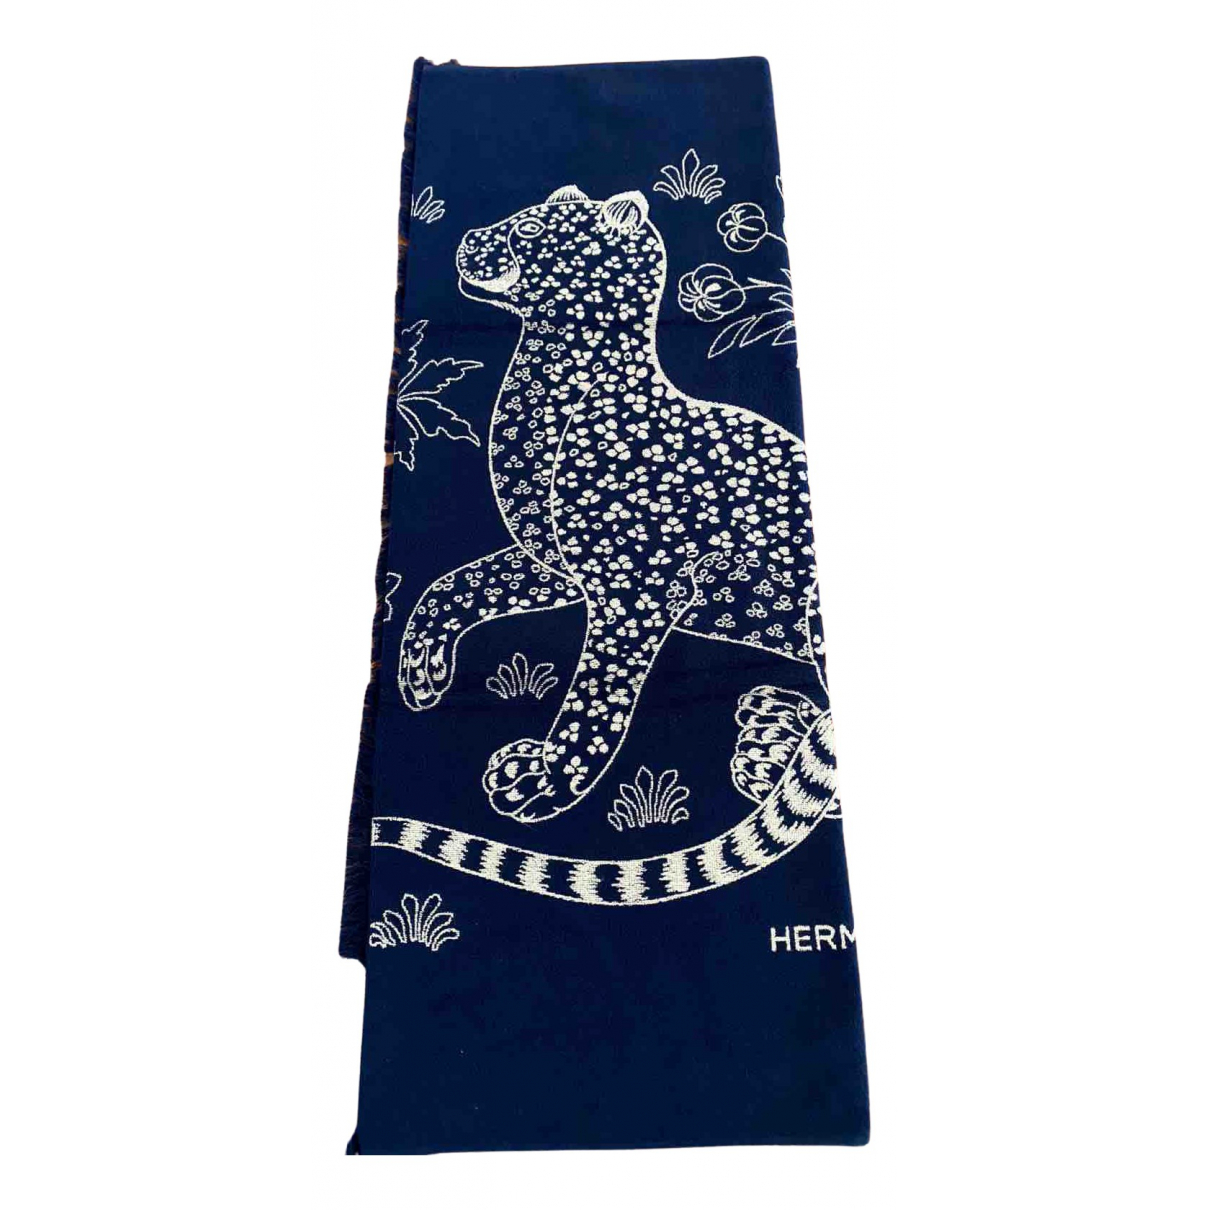 Hermes \N Heimtextilien in  Blau Baumwolle